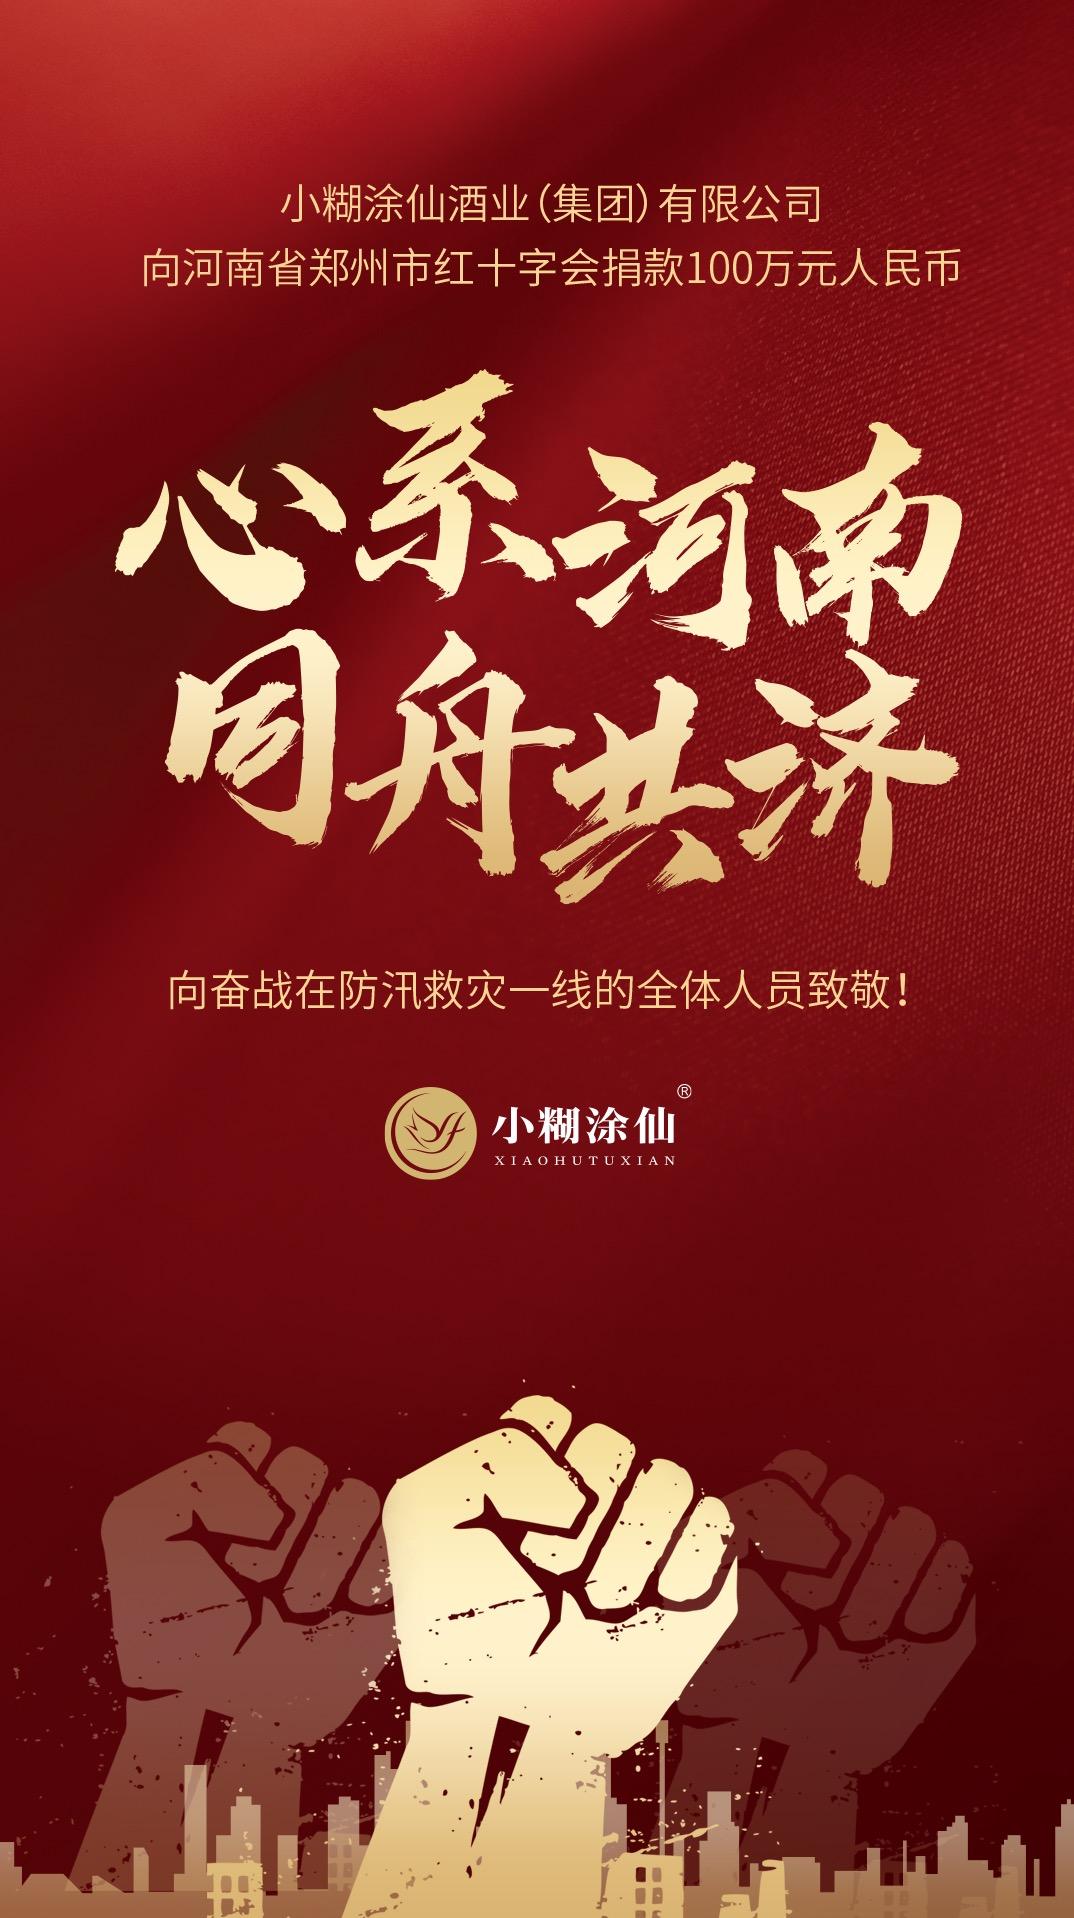 支援河南防汛救灾 小糊涂仙酒业捐款100万元